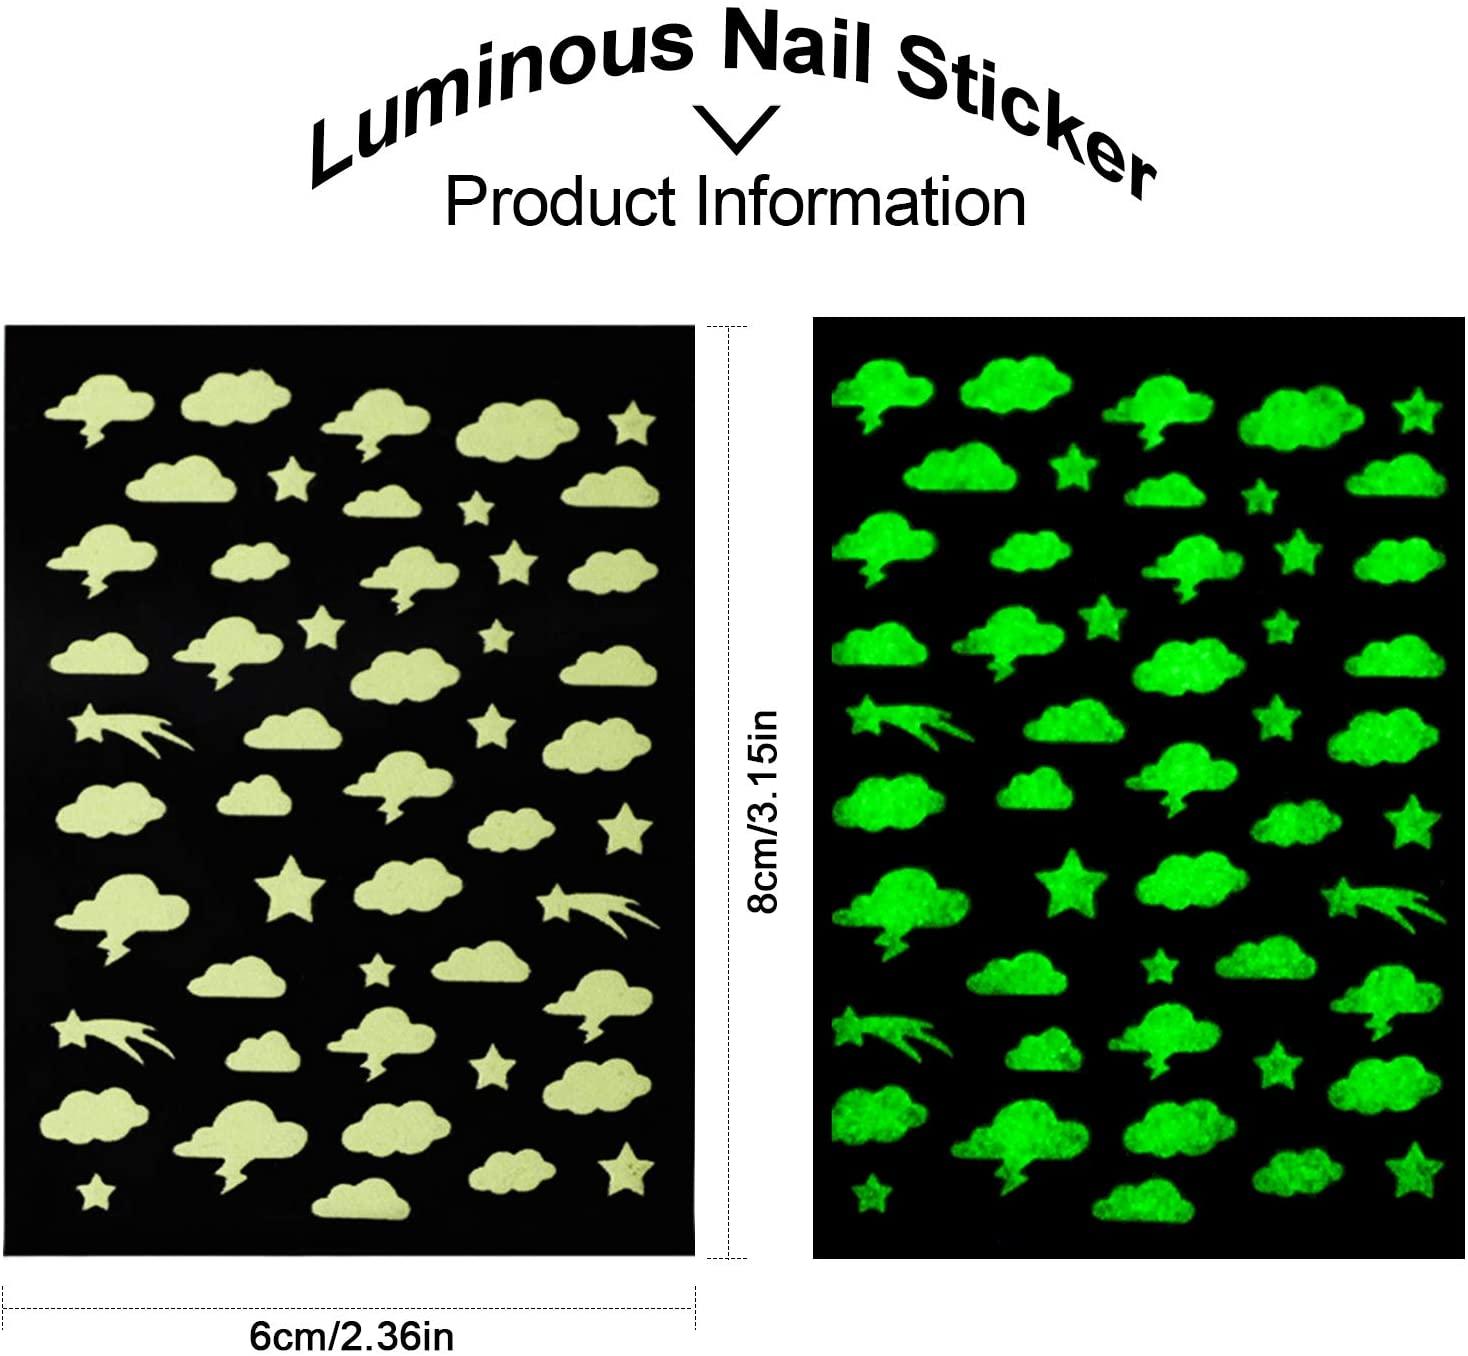 Kalolary nail stickers 7